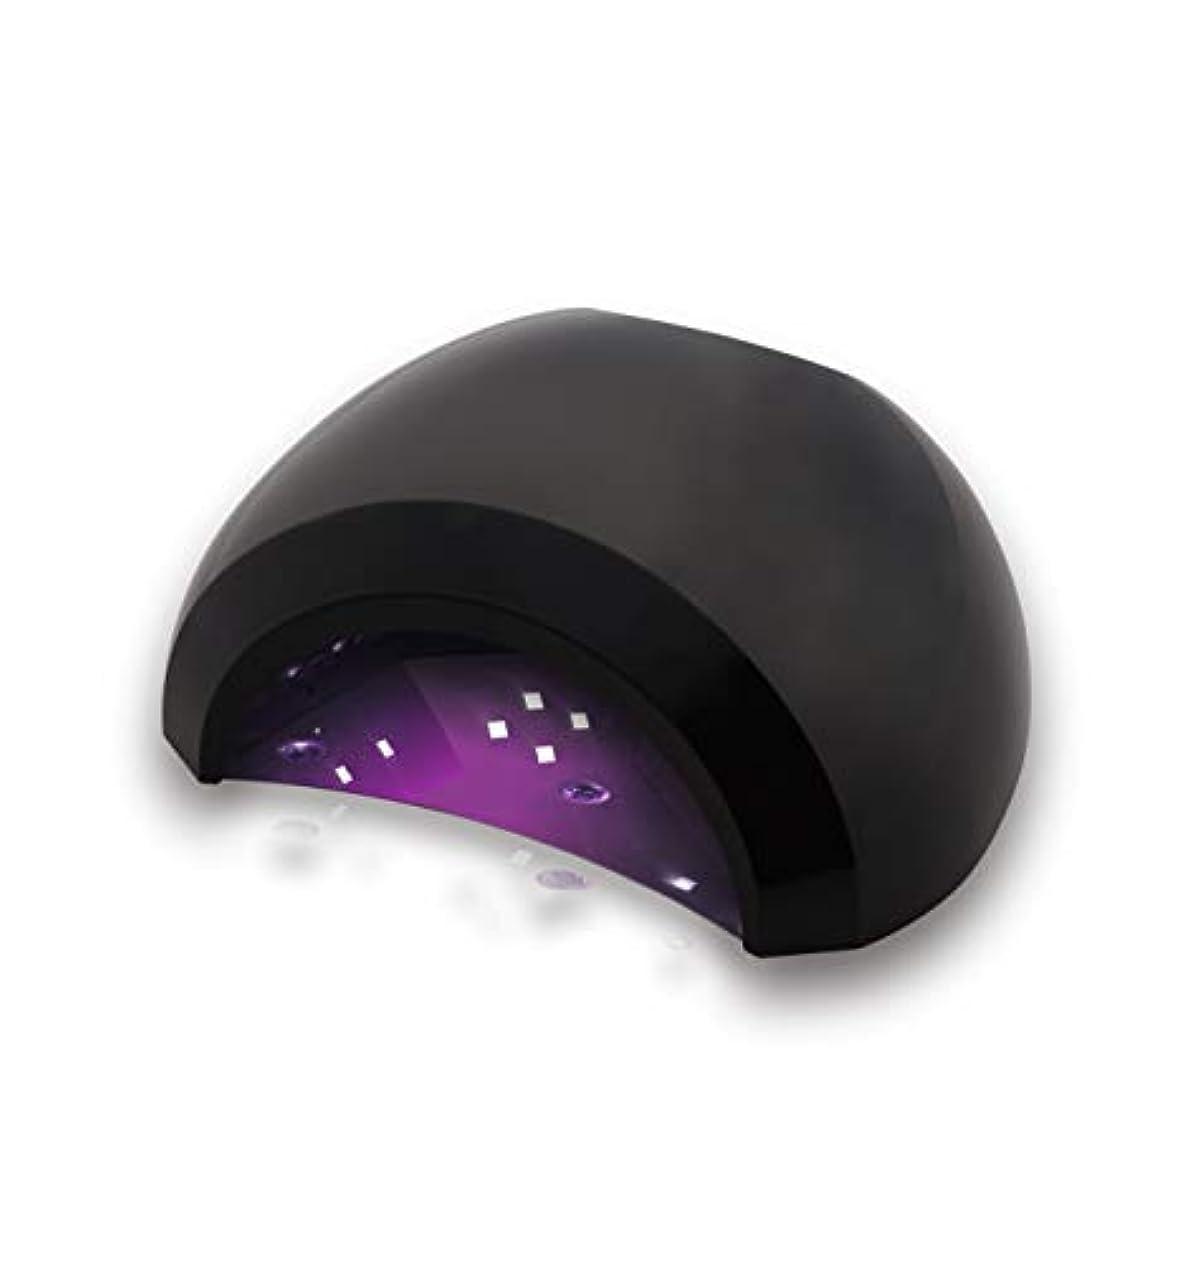 不良品和解する恋人Aokitec UV LED ネイルドライヤー 48w高速硬化ネイルライト 人感センサーとタイマー付 時間メモリ 手足両用ネイルランプ 全ジェル対応 レジンにも使える 日本語説明書付【一年間保証】 …